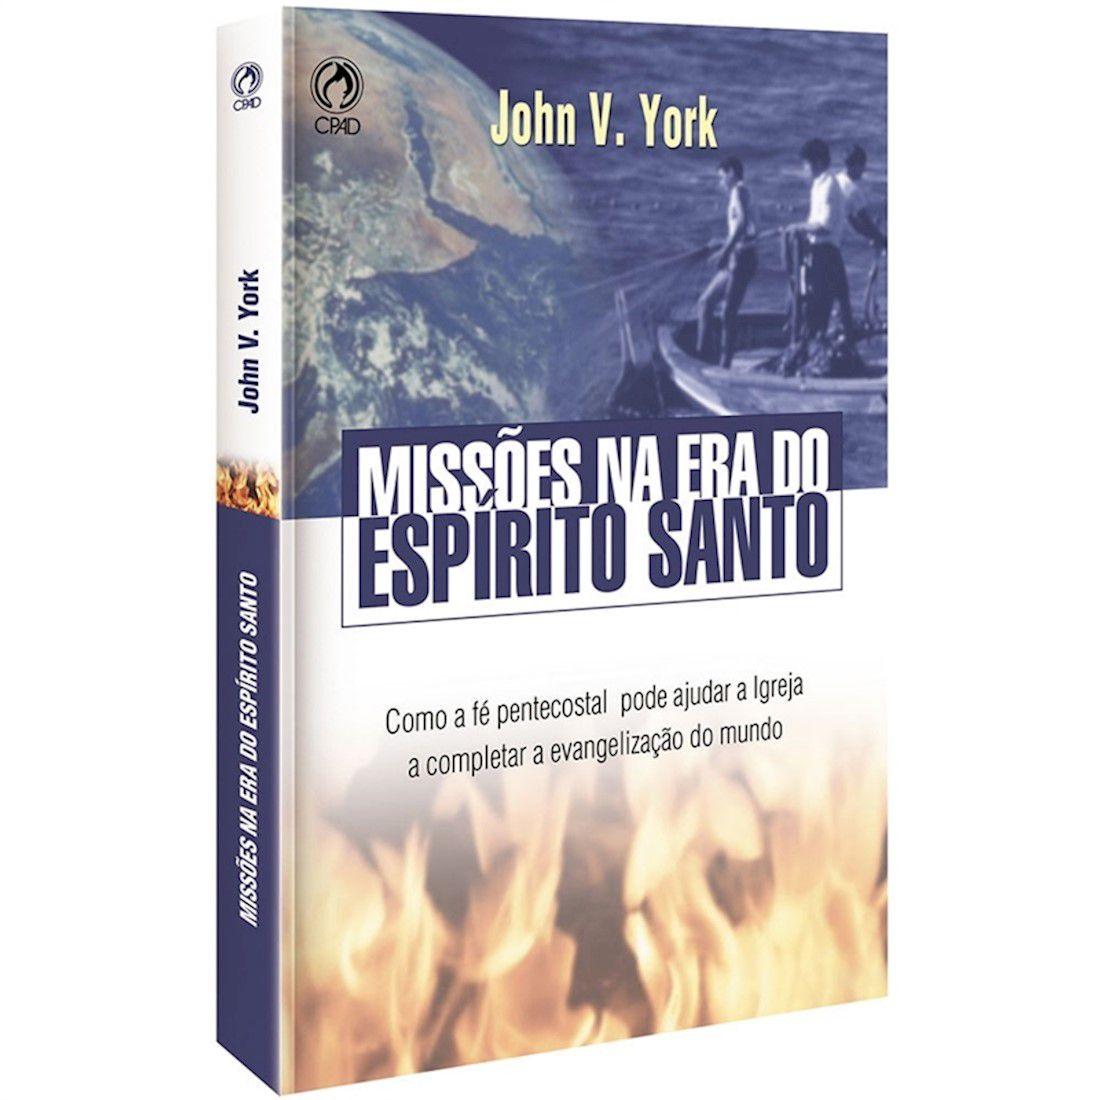 Livro Missões na Era do Espírito Santo